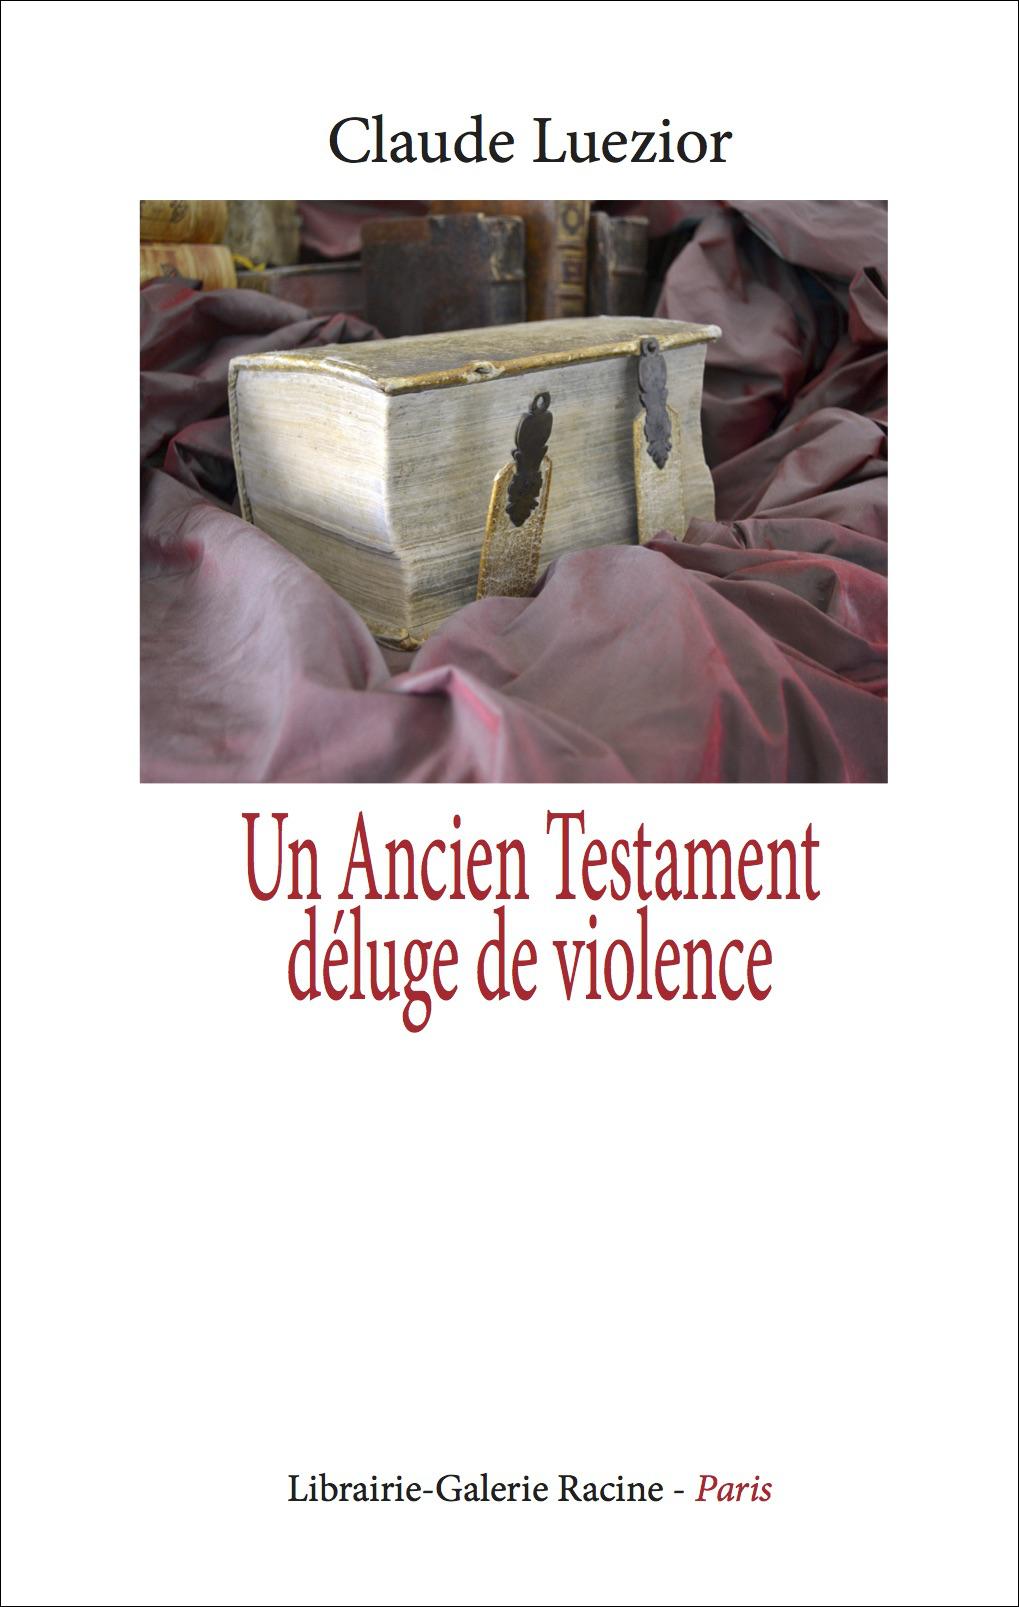 Claude Luezior - Un Ancien Testament déluge de violence